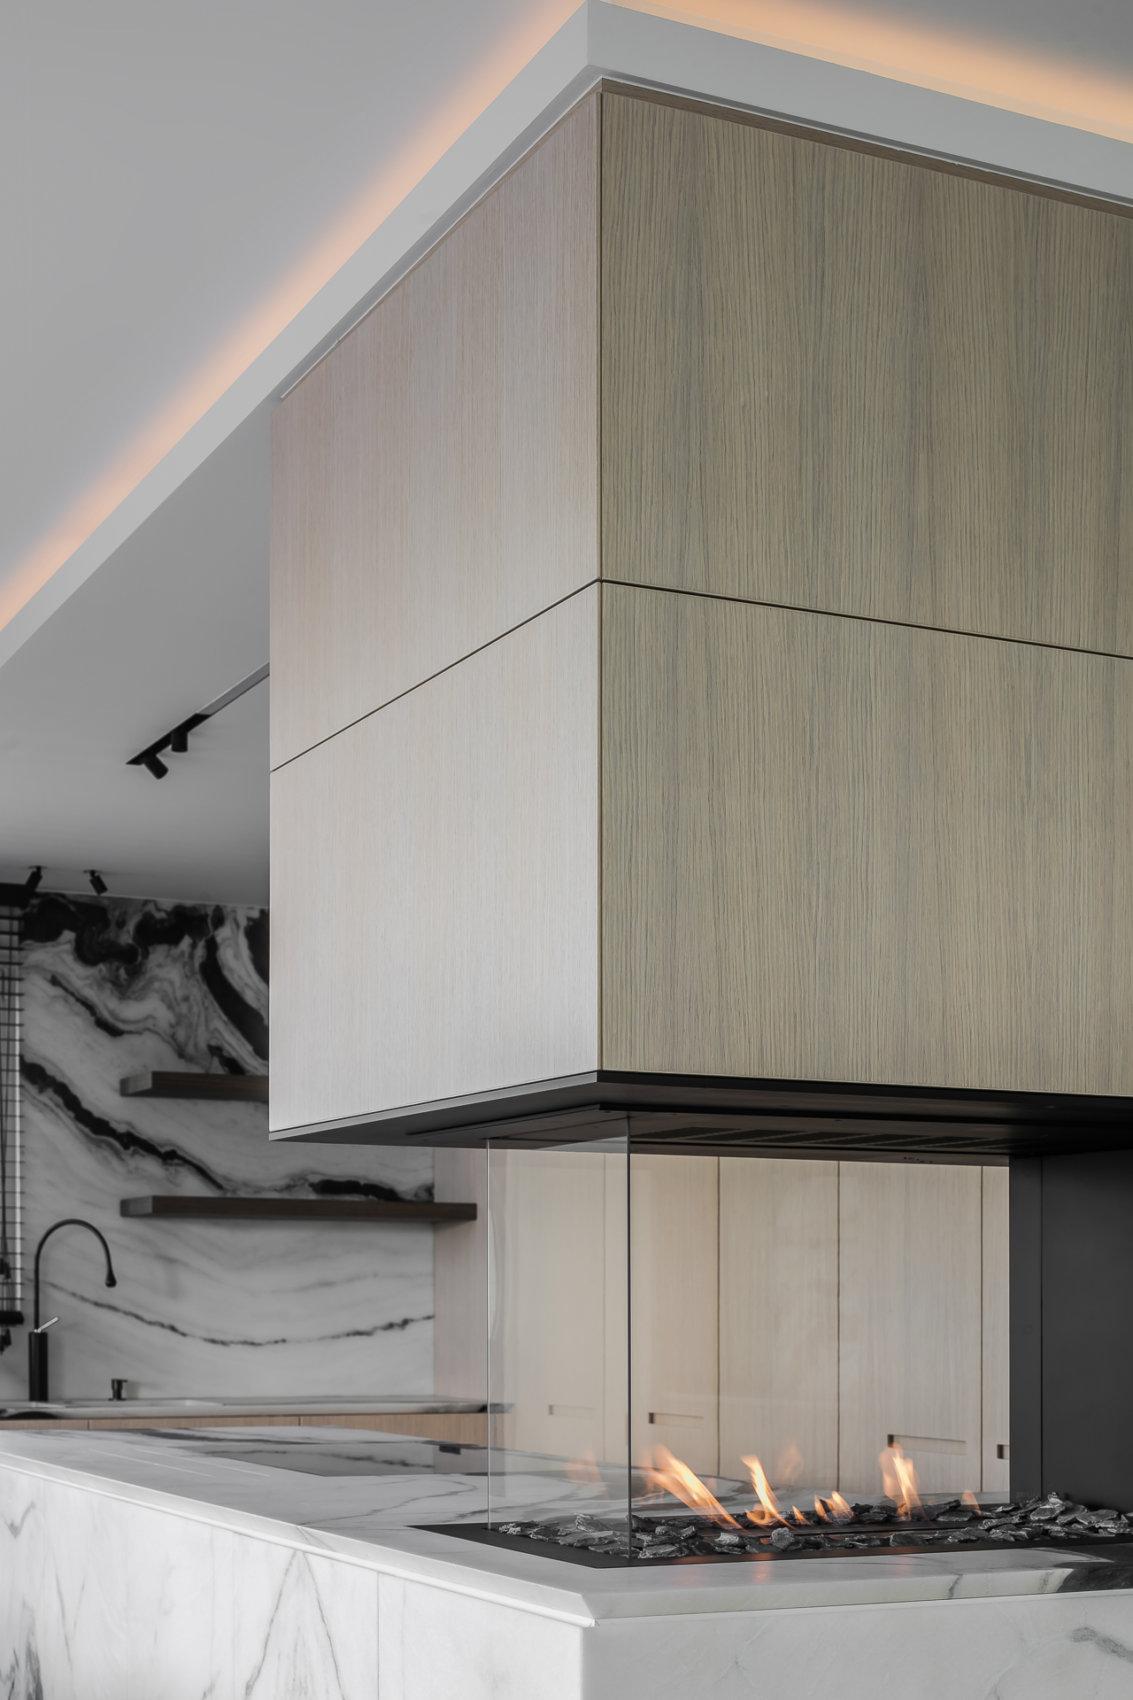 SD Concepts - Zebra White - Photo Cafeine - LR (11)